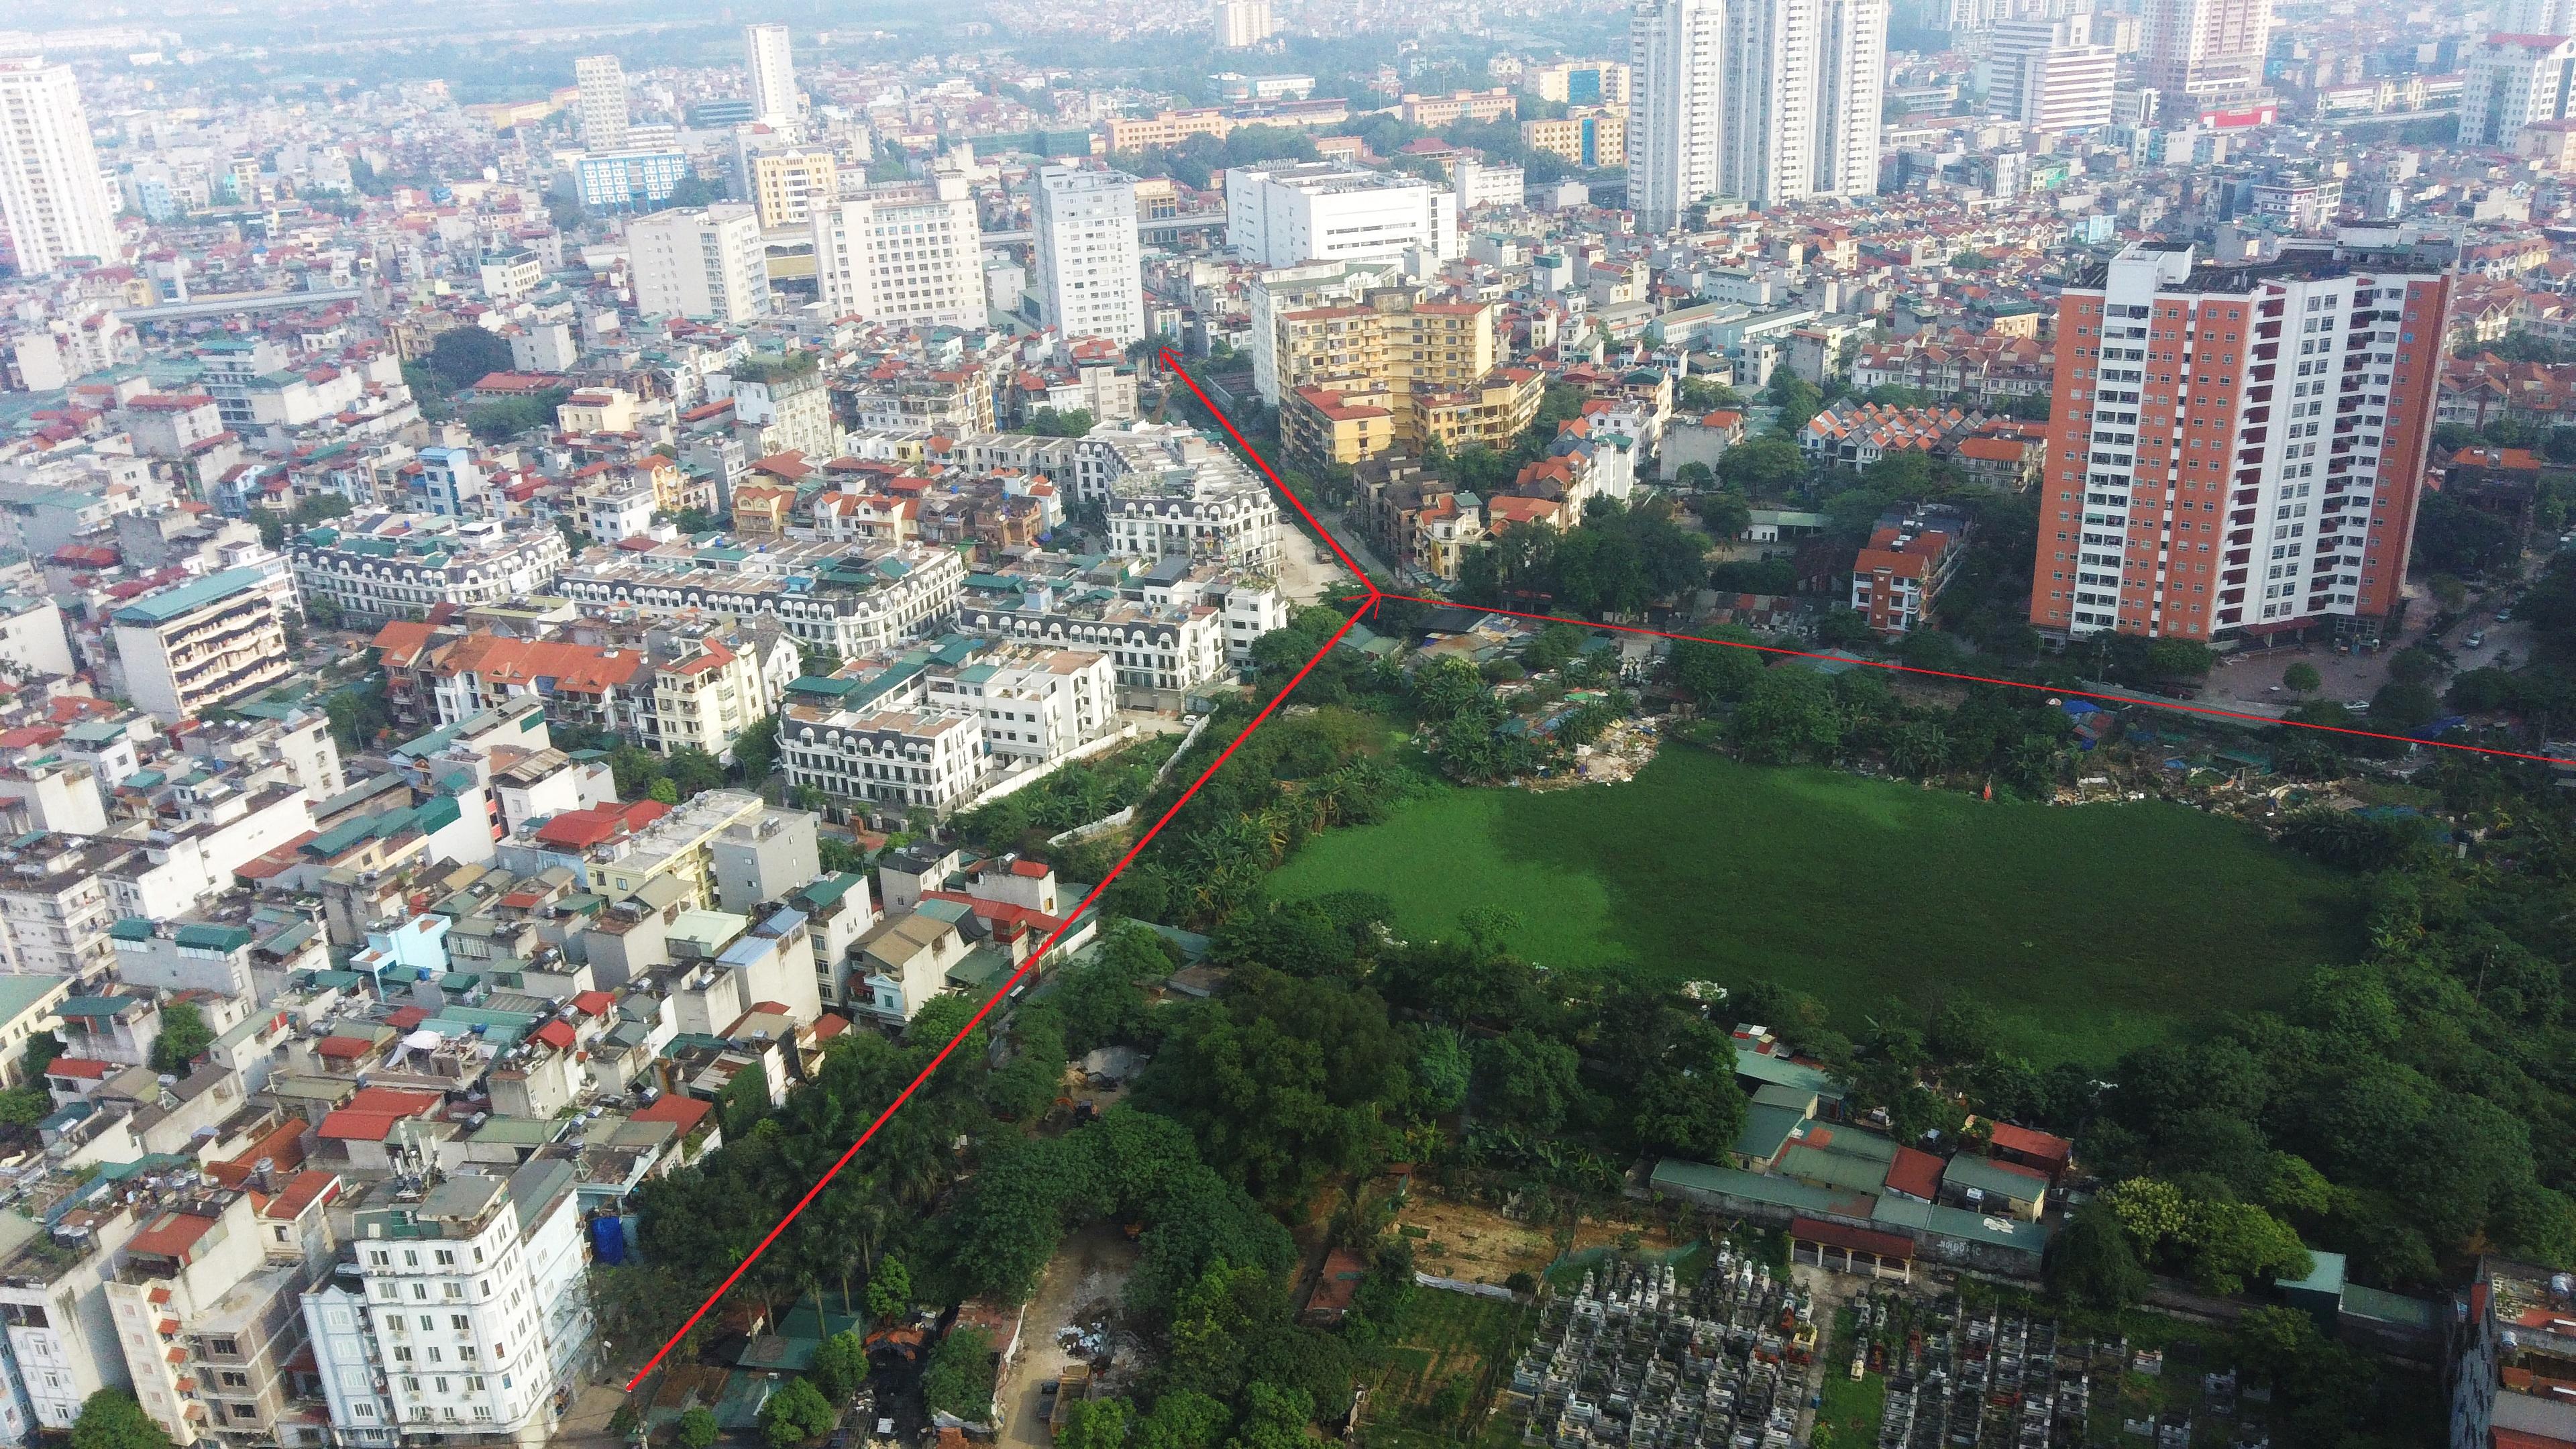 4 đường sẽ mở theo qui hoạch ở phường Trung Văn, Nam Từ Liêm - Ảnh 8.